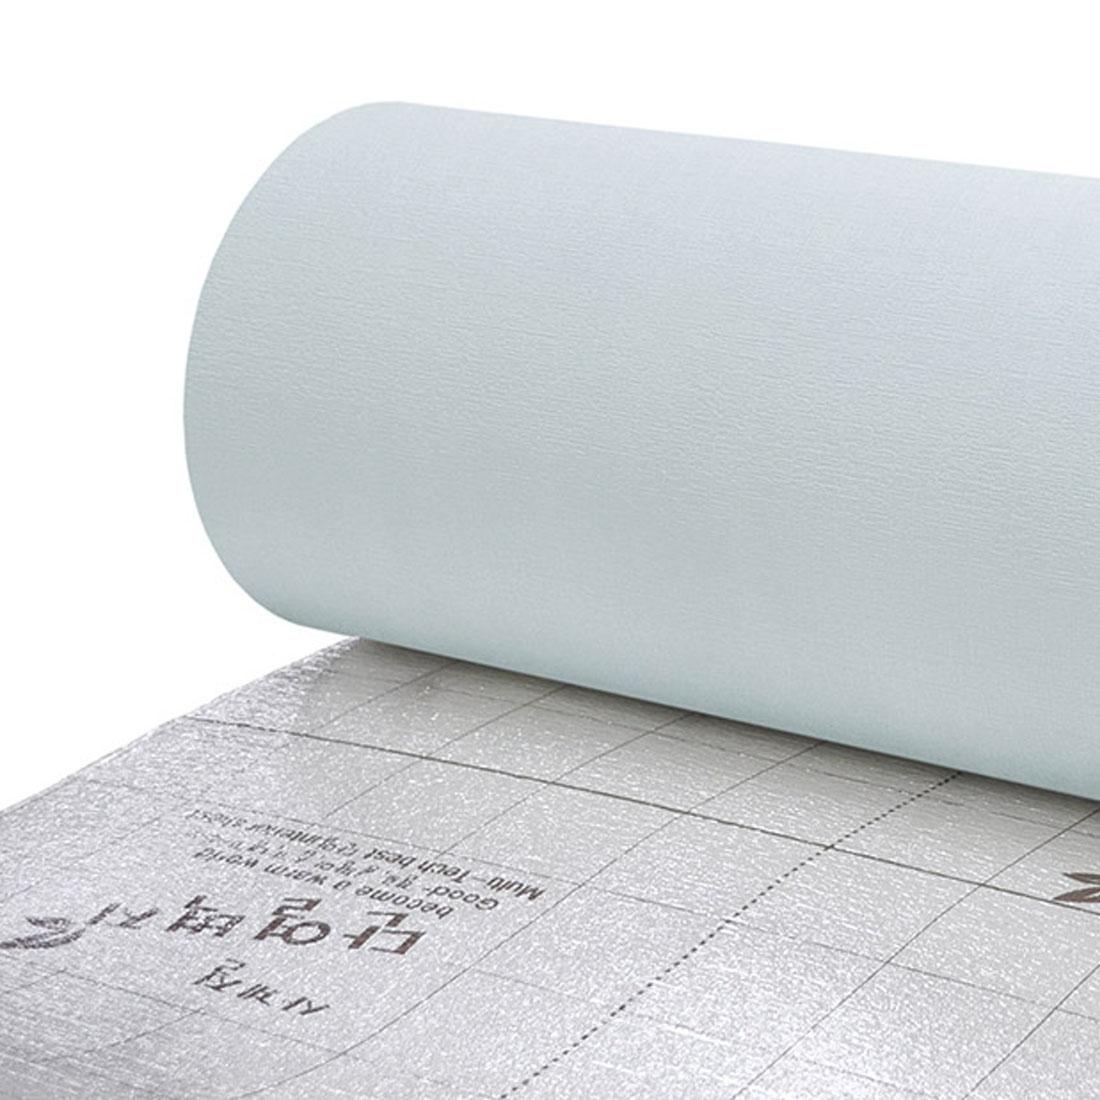 데코리아 생활방수 결로방지 고급형 알루미늄 접착식 단열벽지, 실크청그레이